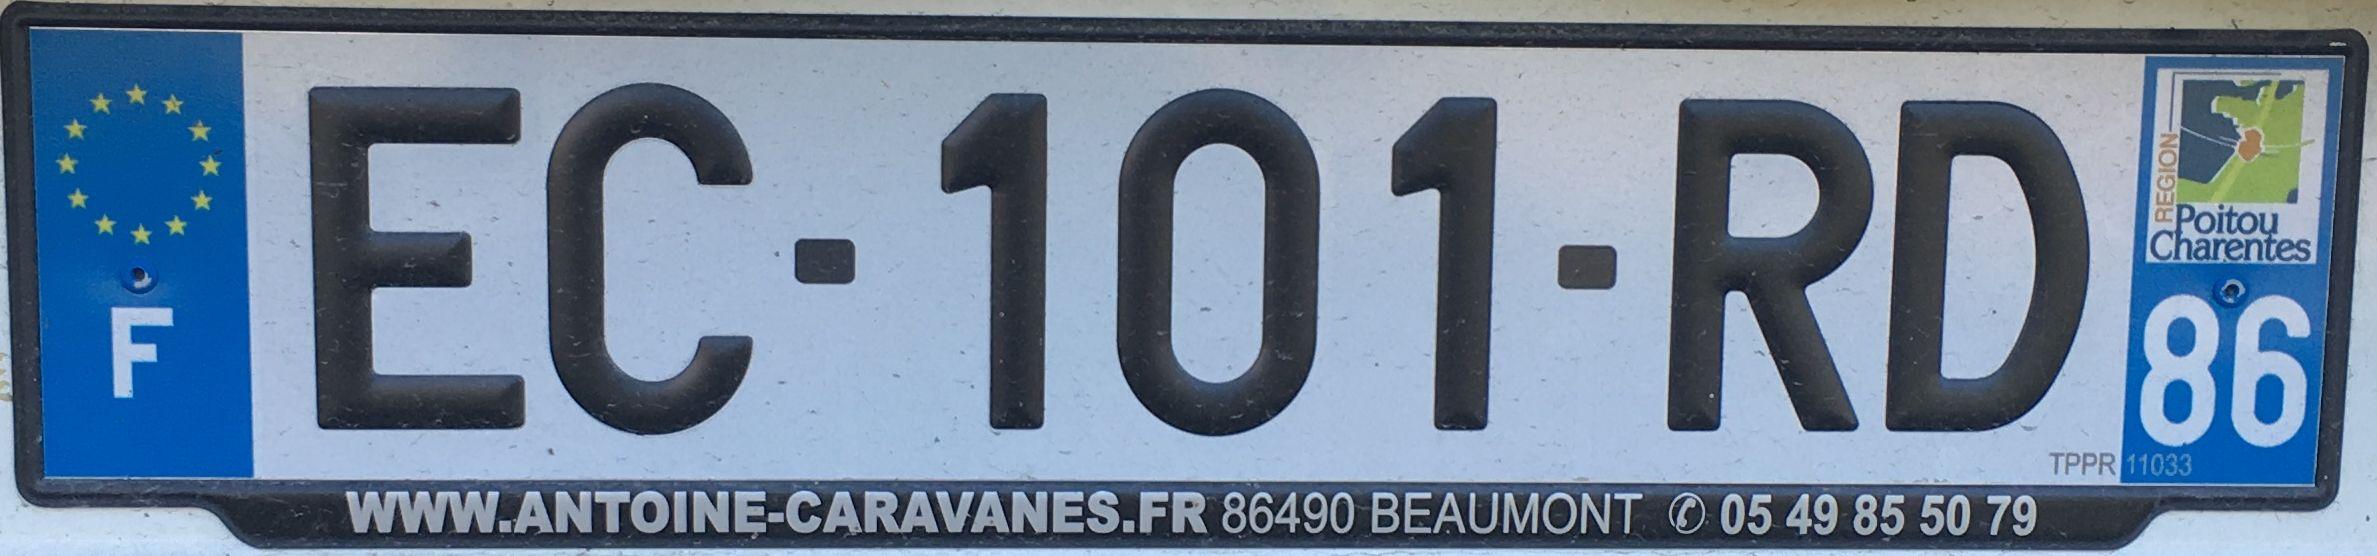 Francouzská registrační značka - 86 - Vienne, foto:www.podalnici.cz